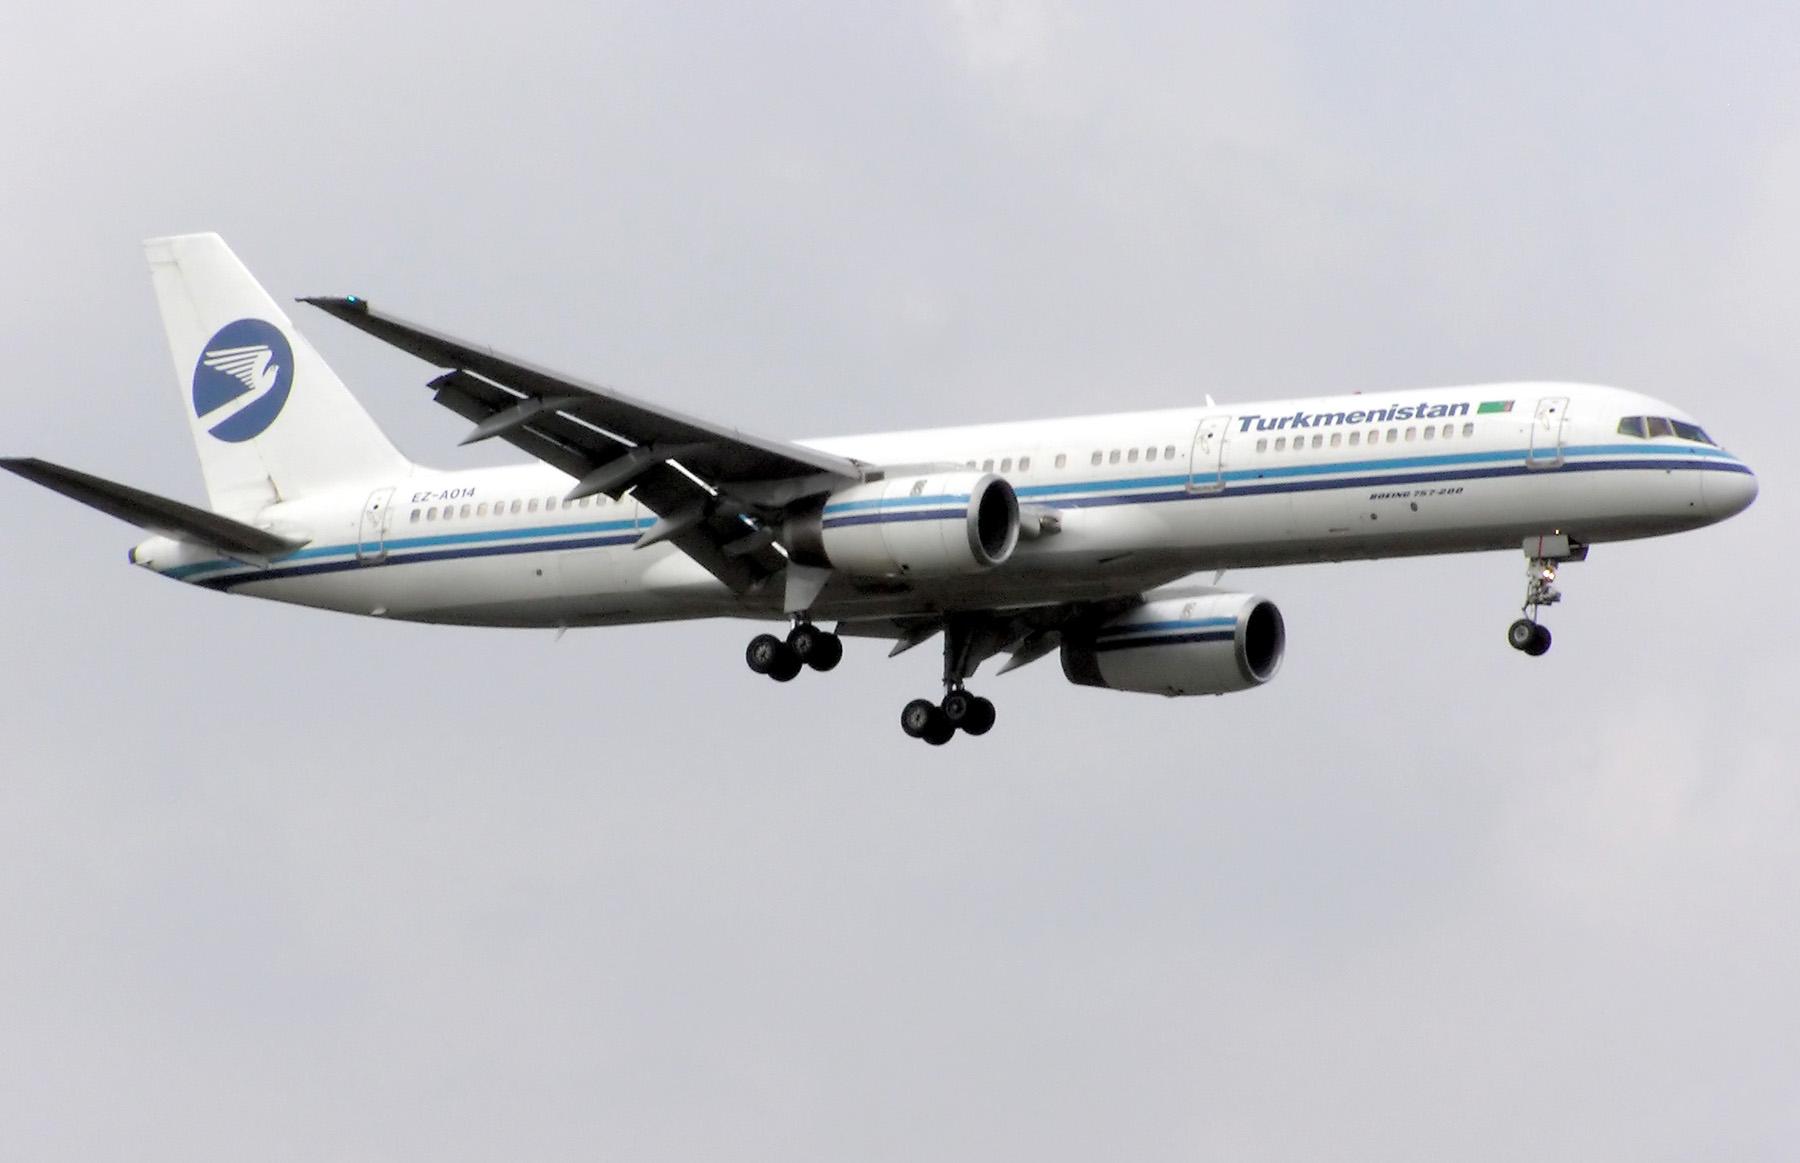 faýl turkmenistan airlines b757 200 ez a014 arp jpg wikipediýa